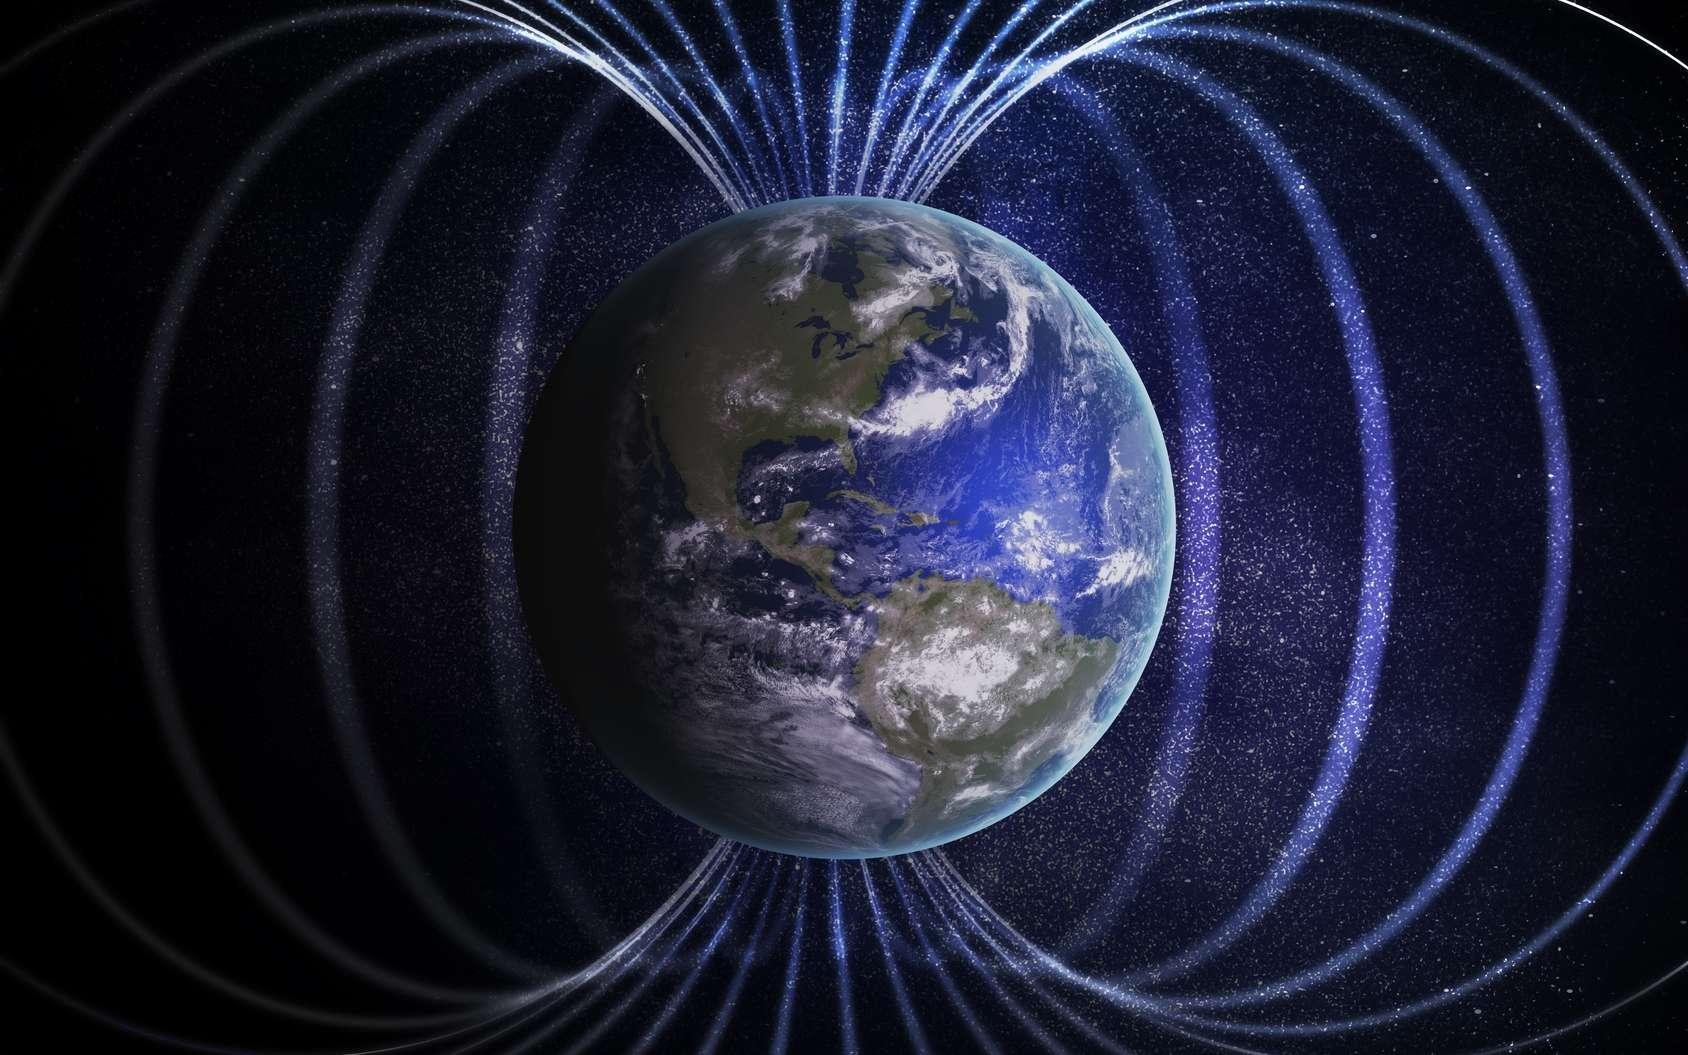 D'après une étude, qui n'a pas été publiée, le cerveau humain réagirait au champ magnétique. © vchalup, fotolia